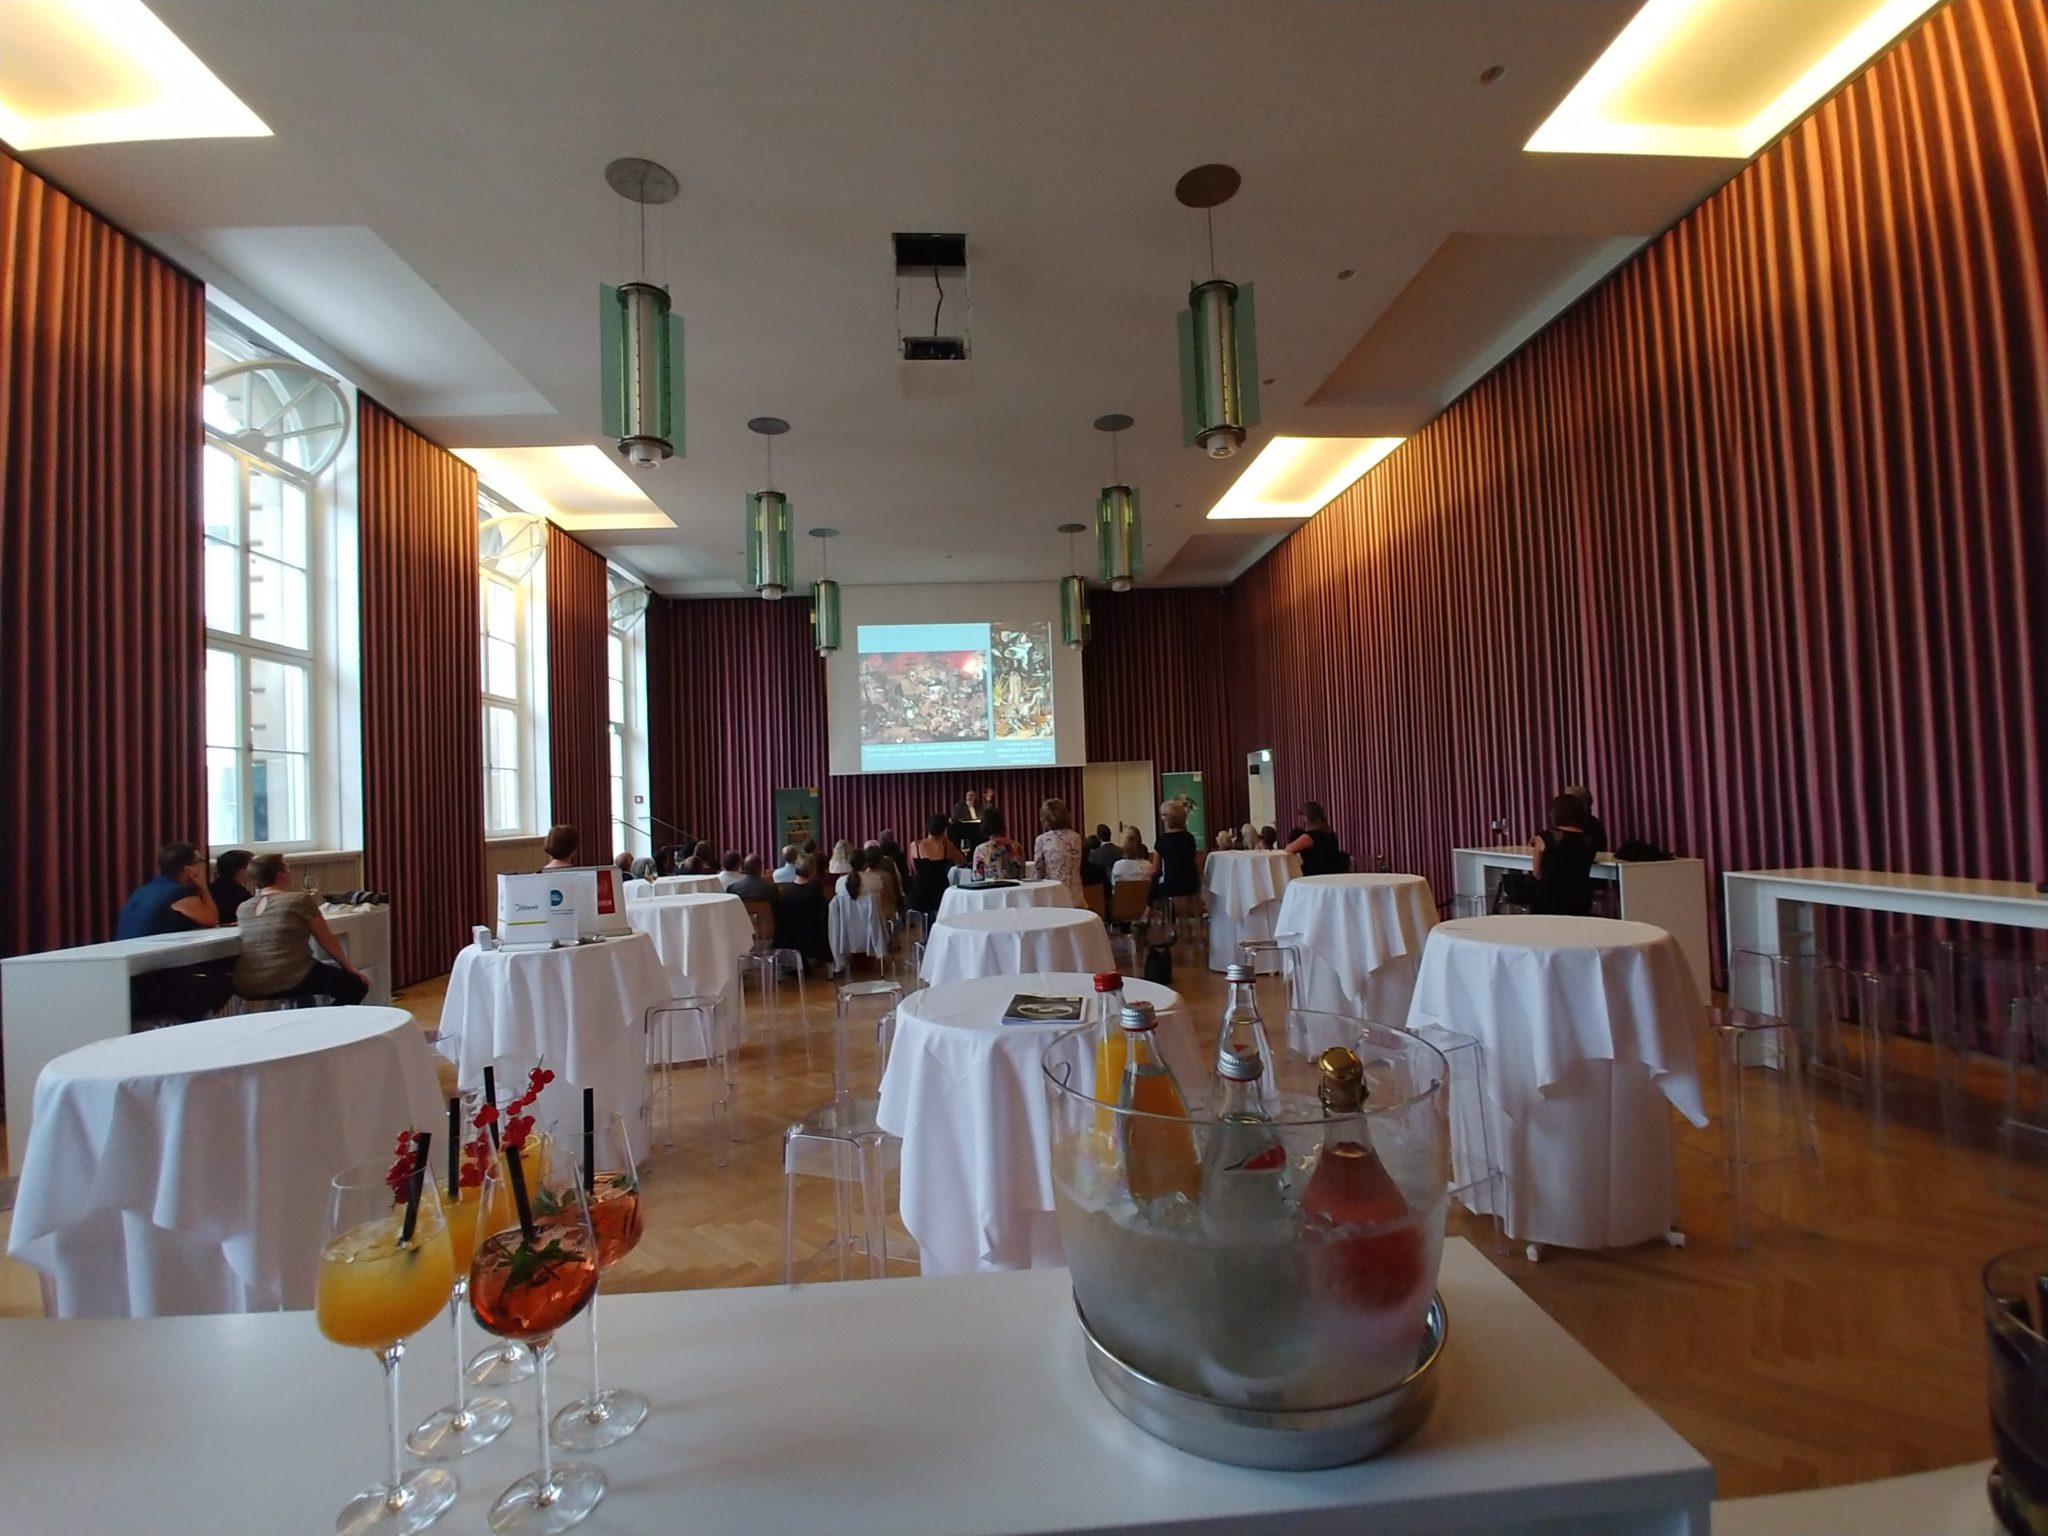 Vlaamse-Meesters-workshop-BC-Toerisme-Vlaanderen-Berlijn-Frankfurt-Sep188 Vlaamse Meesters workshop B&C Toerisme Vlaanderen Berlijn & Frankfurt Sep18